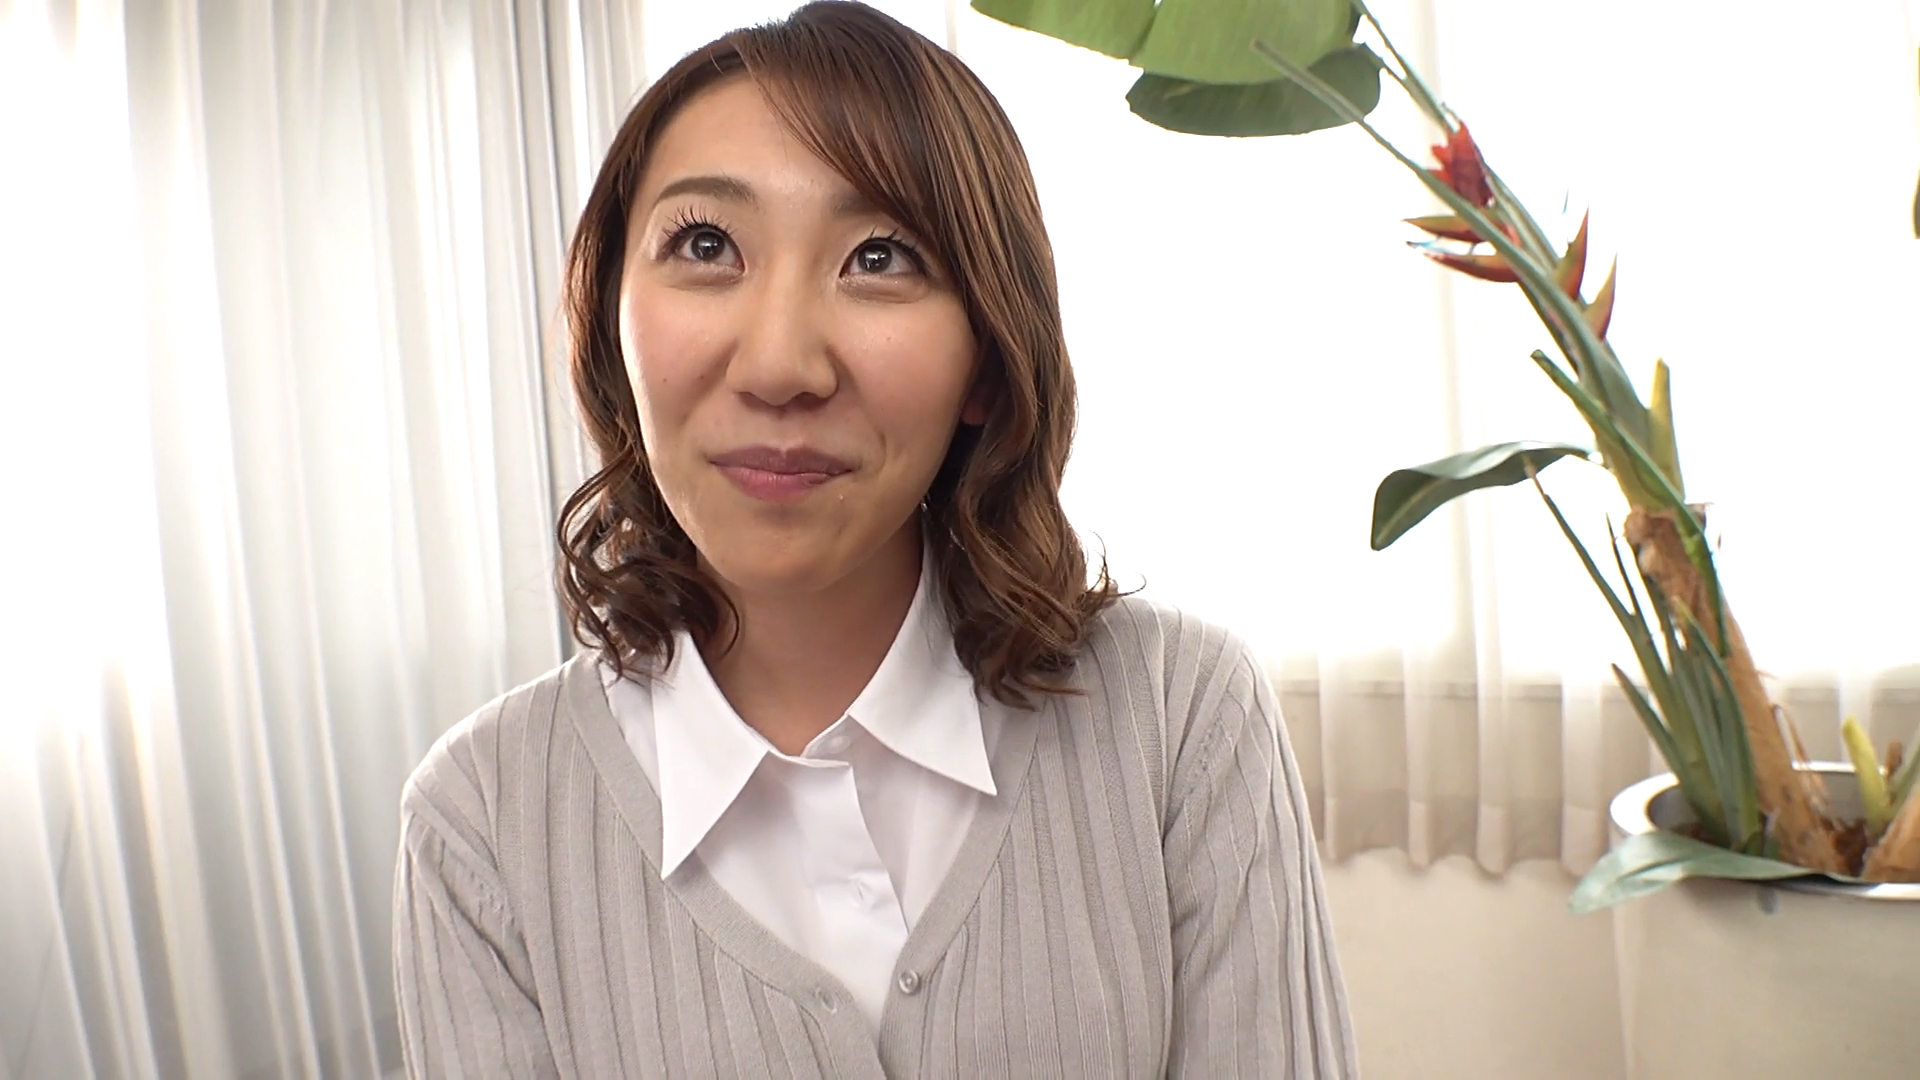 前川美鈴 32歳 (初脱ぎ・デビュー作 /人妻  /会社事務パート )